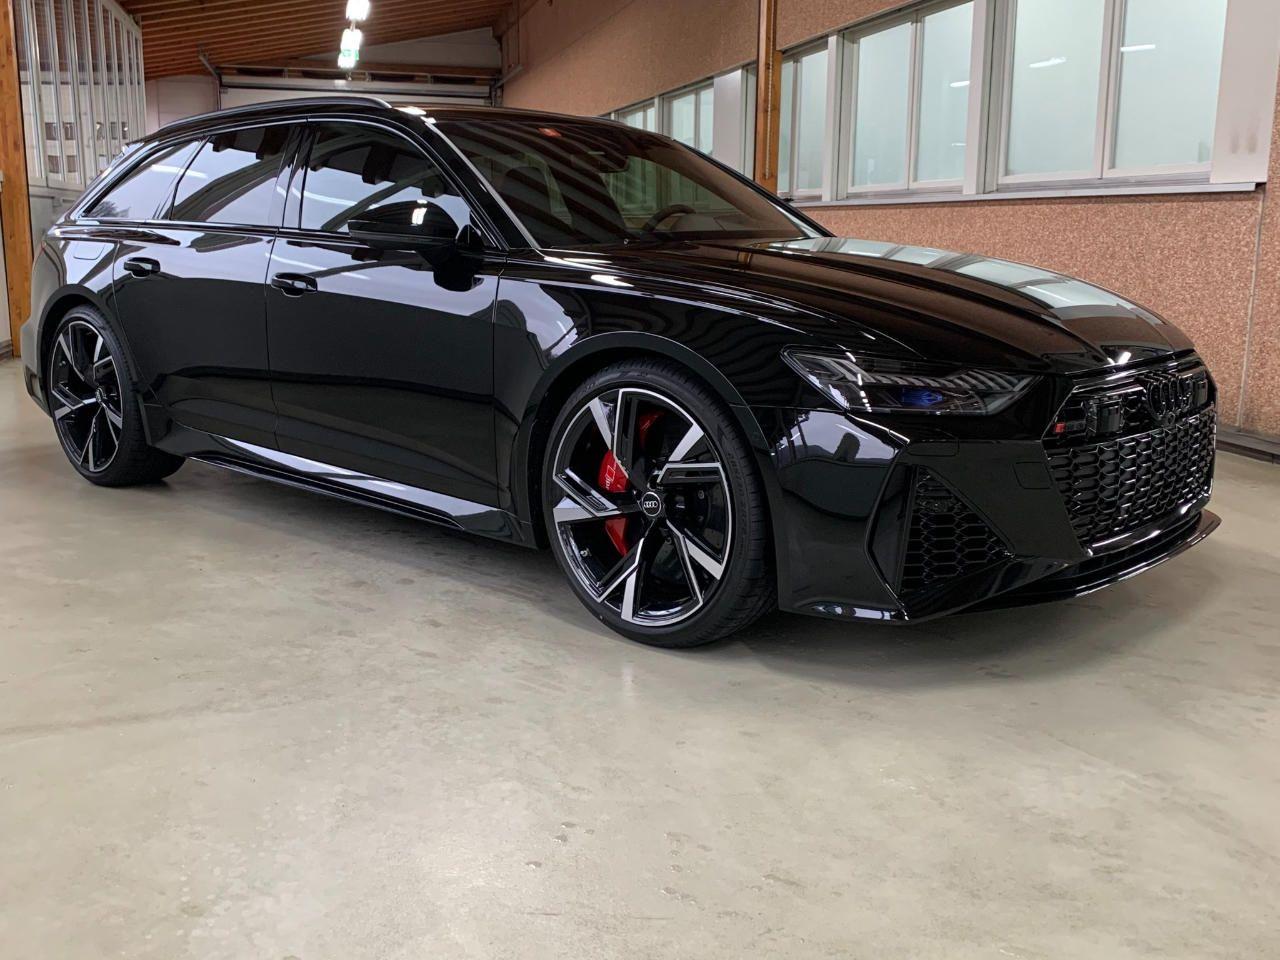 2020 Audi Rs6 Avant In 2020 Audi Rs6 Used Audi Audi